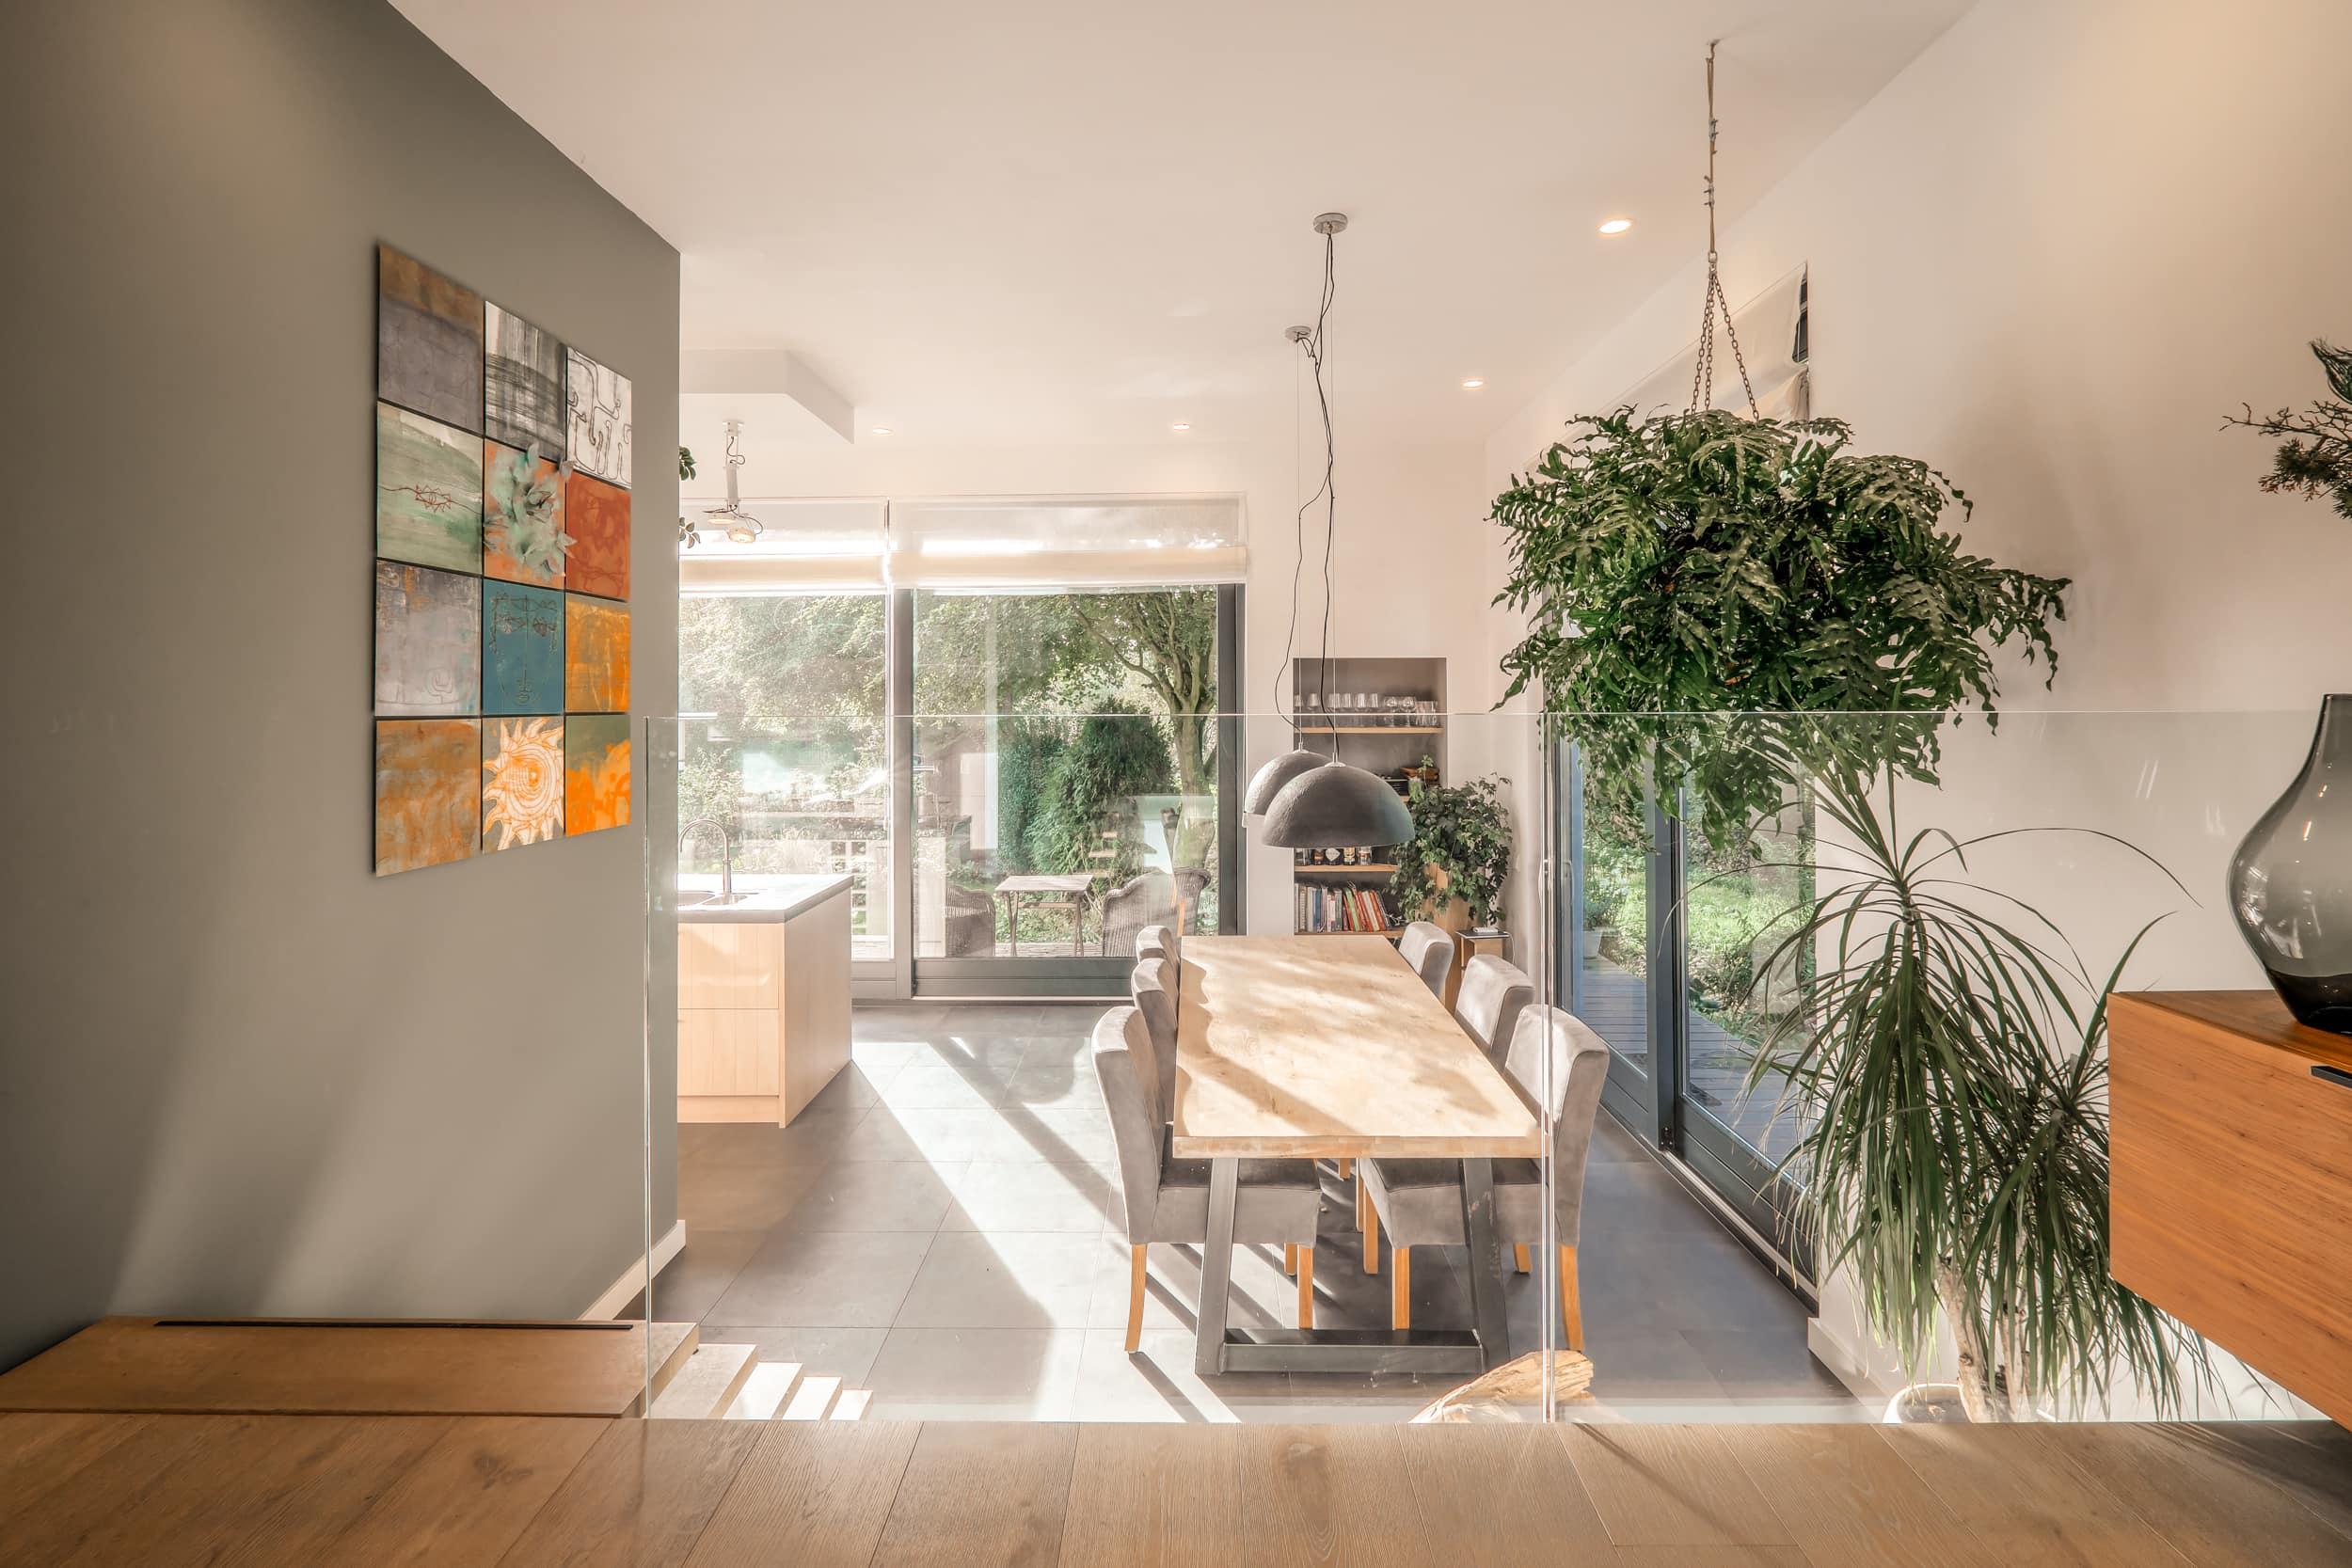 van-os-architecten-nieuwbouw-dijkwoning-rottekade-zevenhuizen-split-level-in-plattegrond